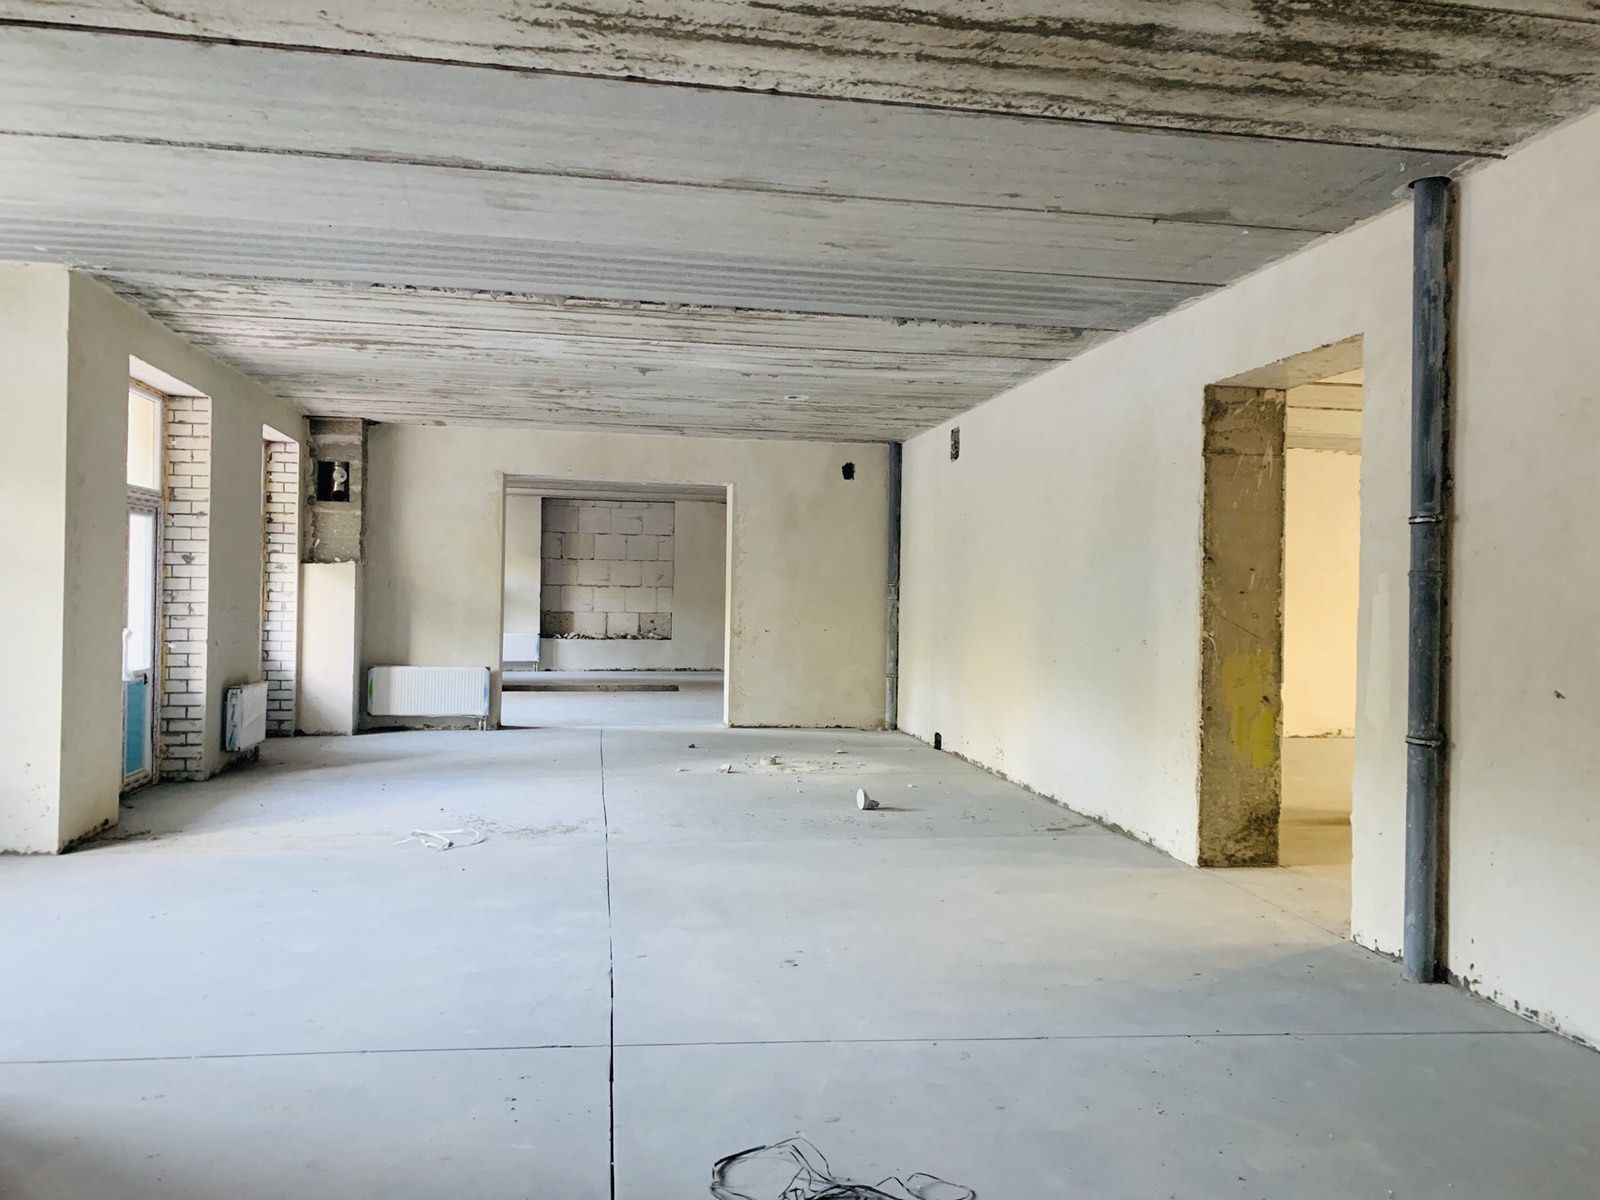 Аренда помещения 170 м2 возле Новой почты и Медицинской клиники